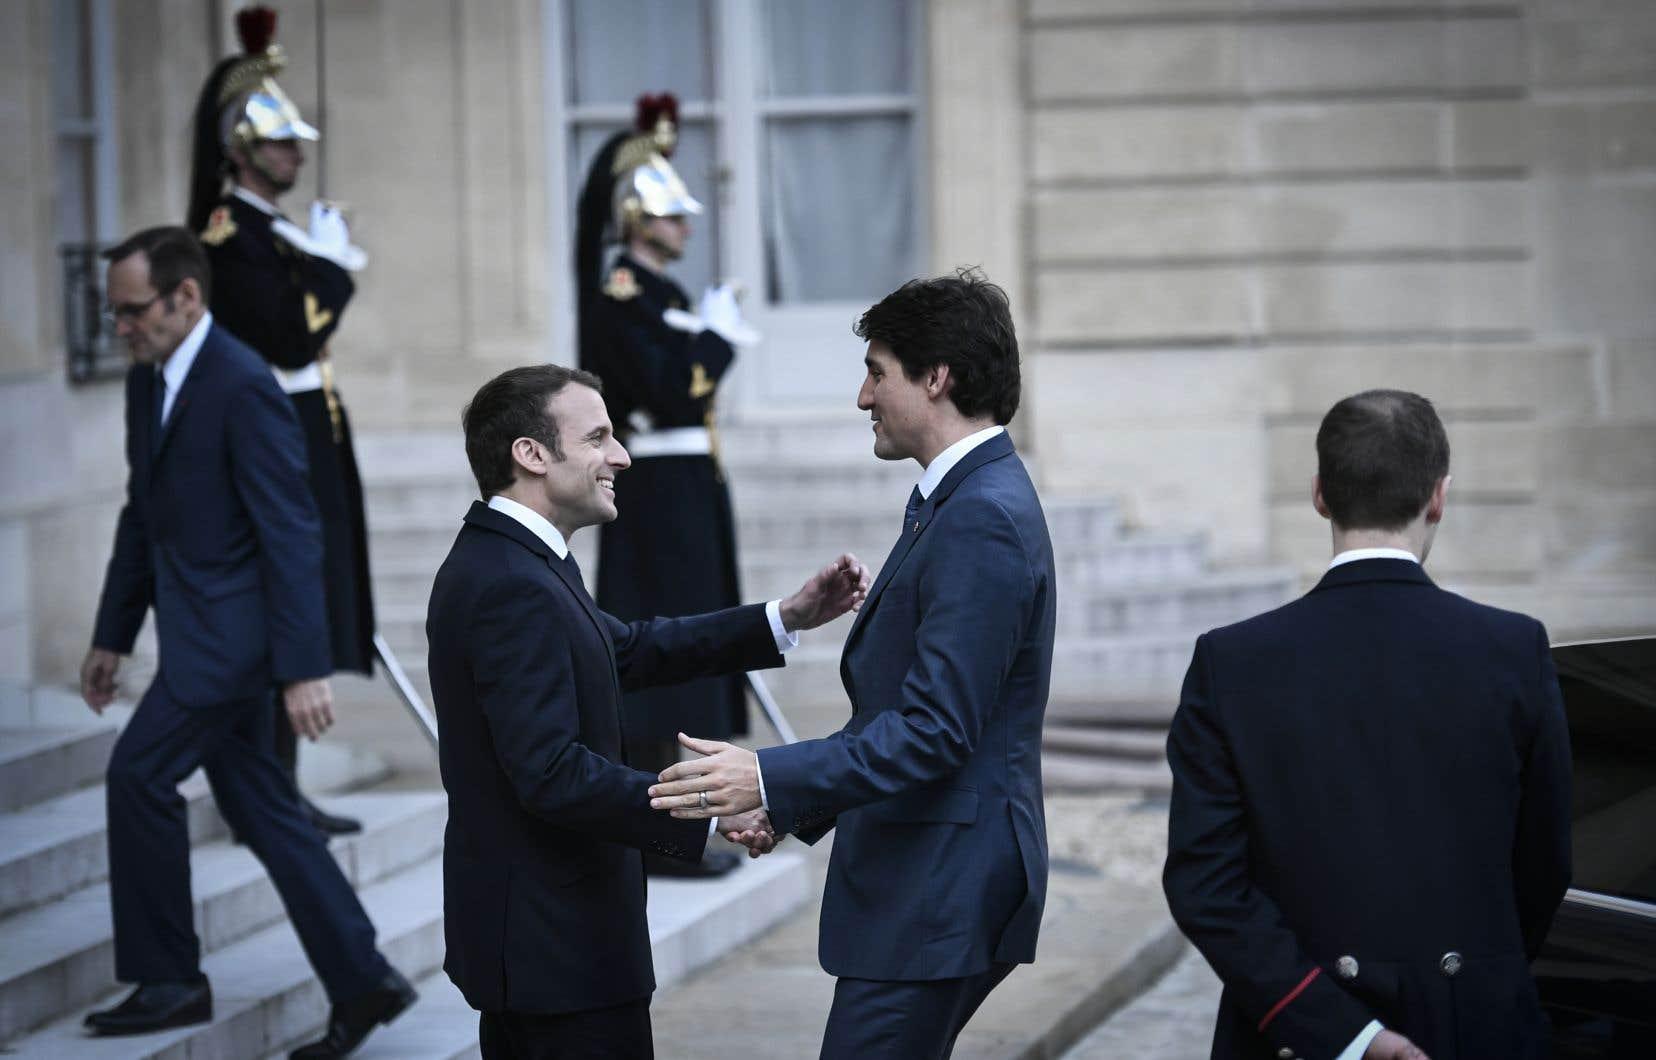 Justin Trudeau et Emmanuel Macron, âgés de 46 et 40 ans respectivement, affichent des visions politiques proches et projettent tous deux l'image d'un certain rajeunissement politique.